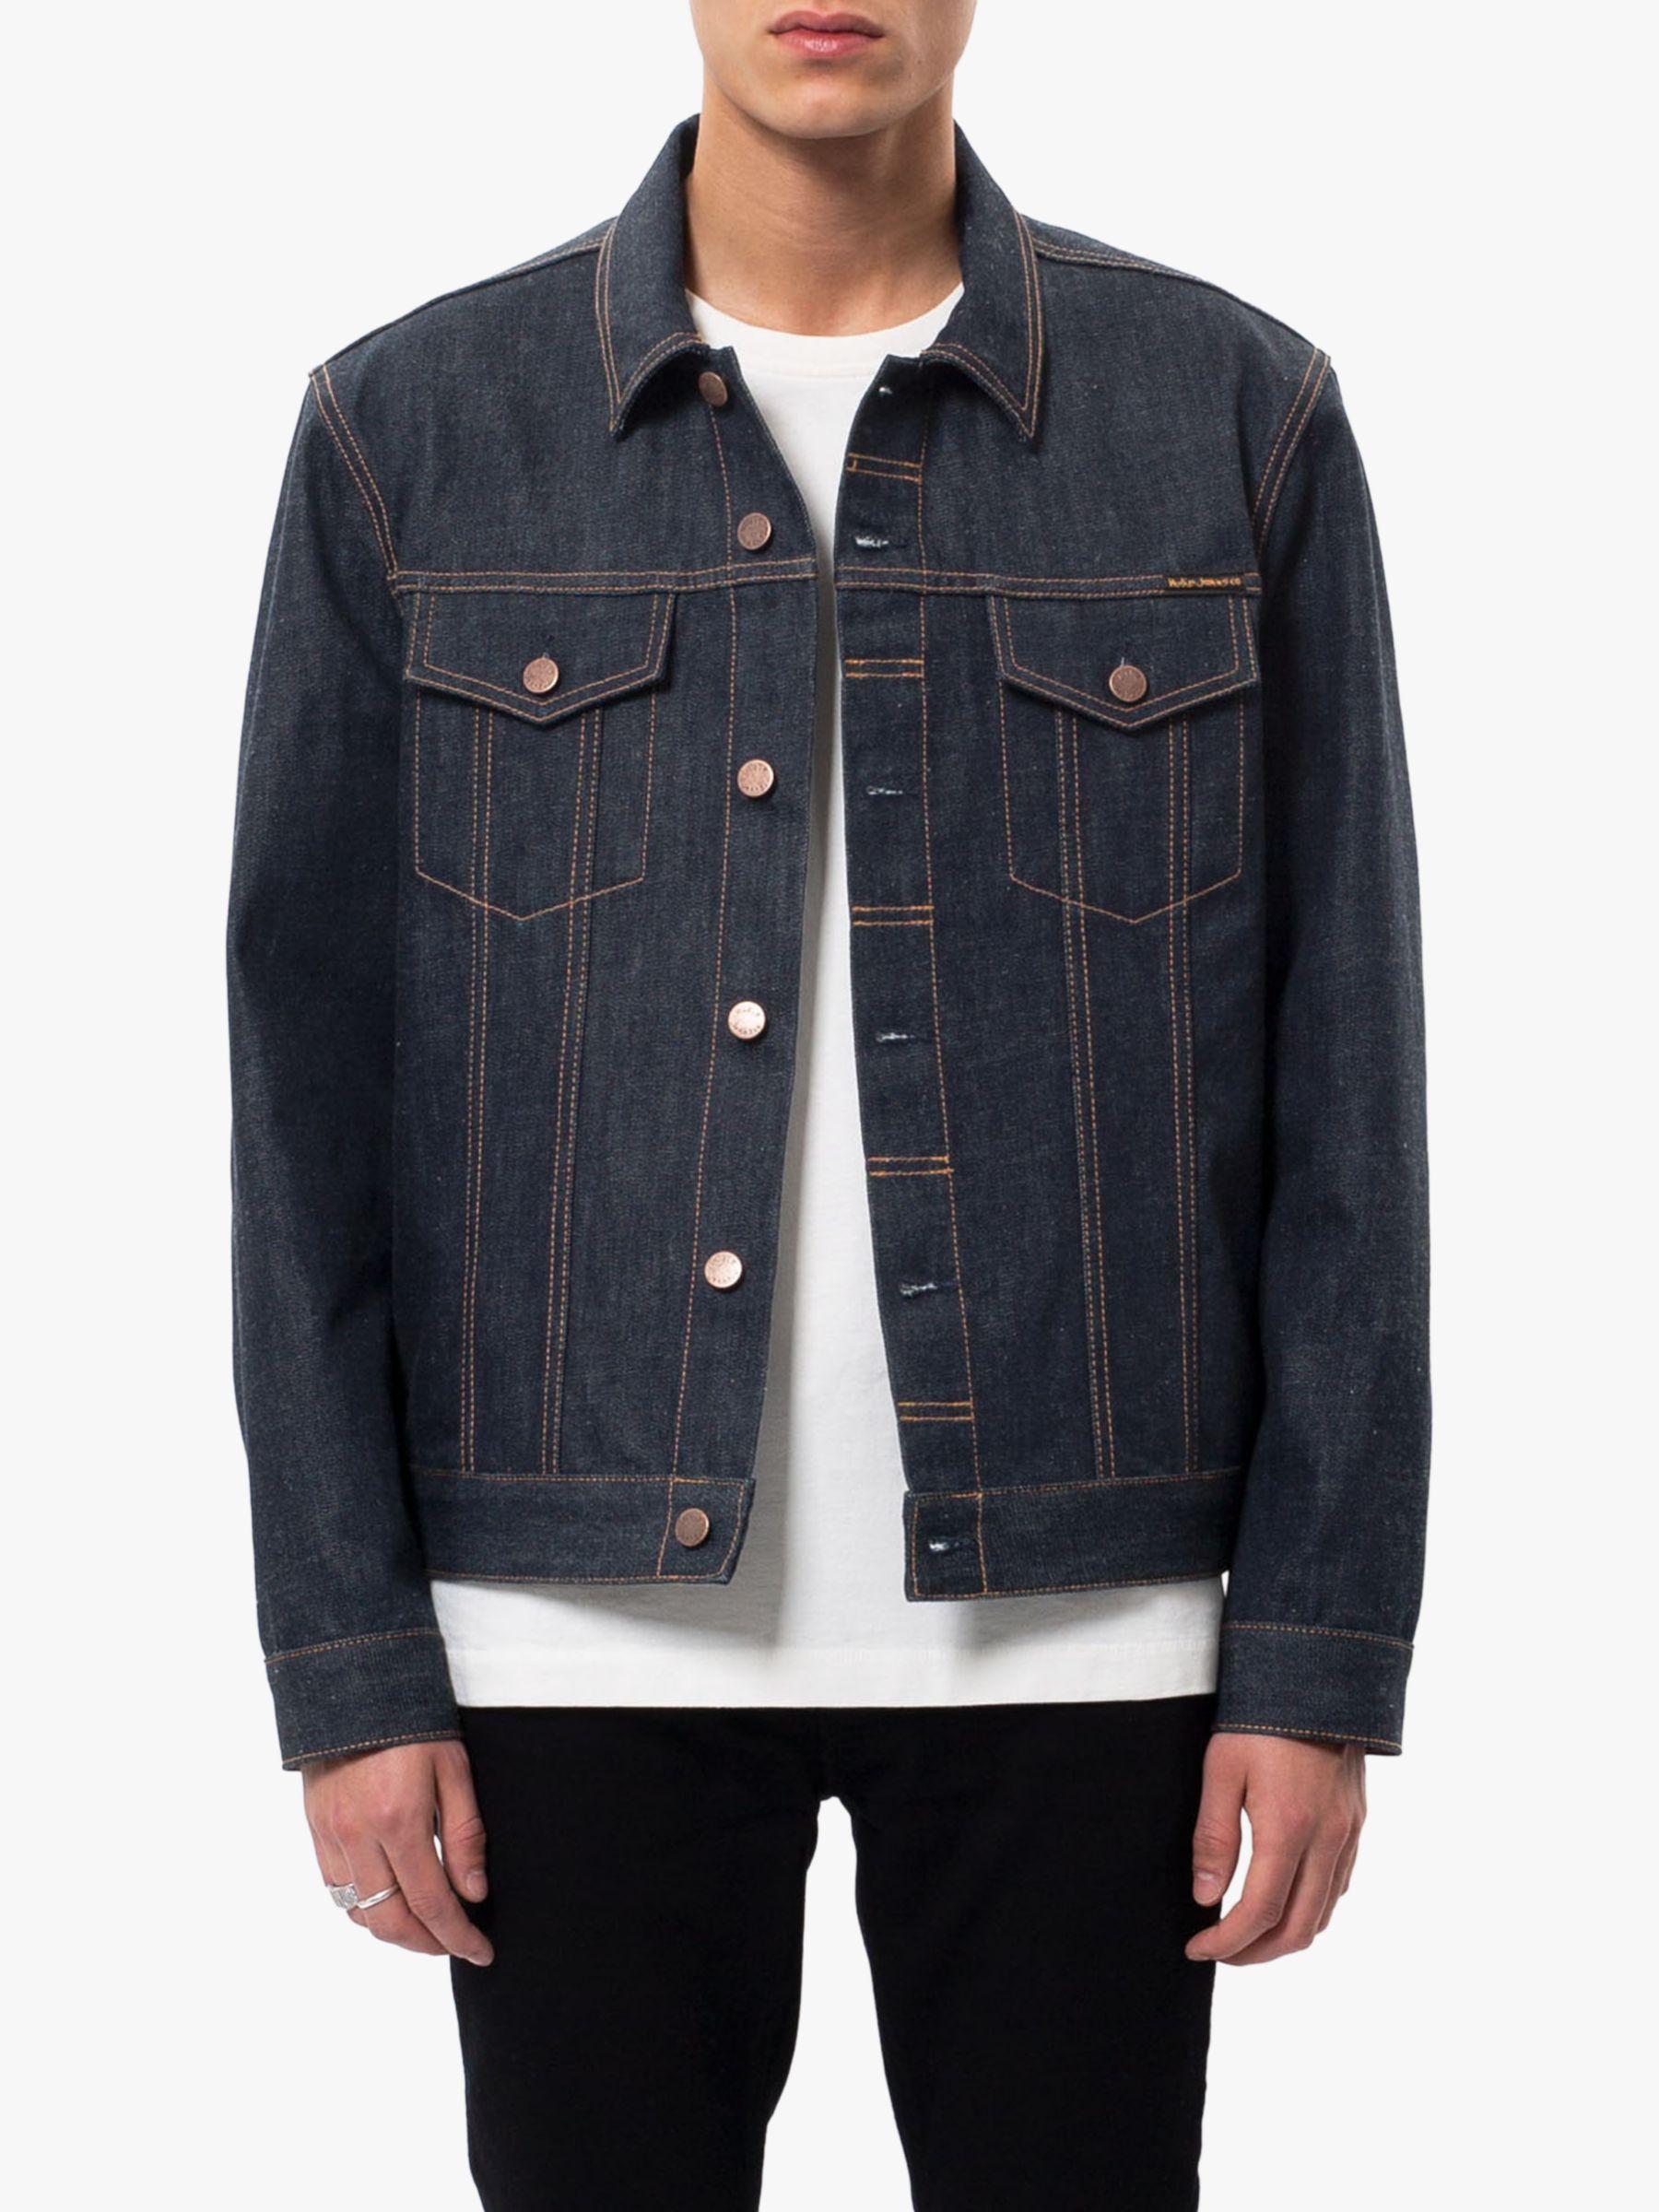 Nudie Jeans Nudie Jeans Jerry Denim Jacket, Dry Ring